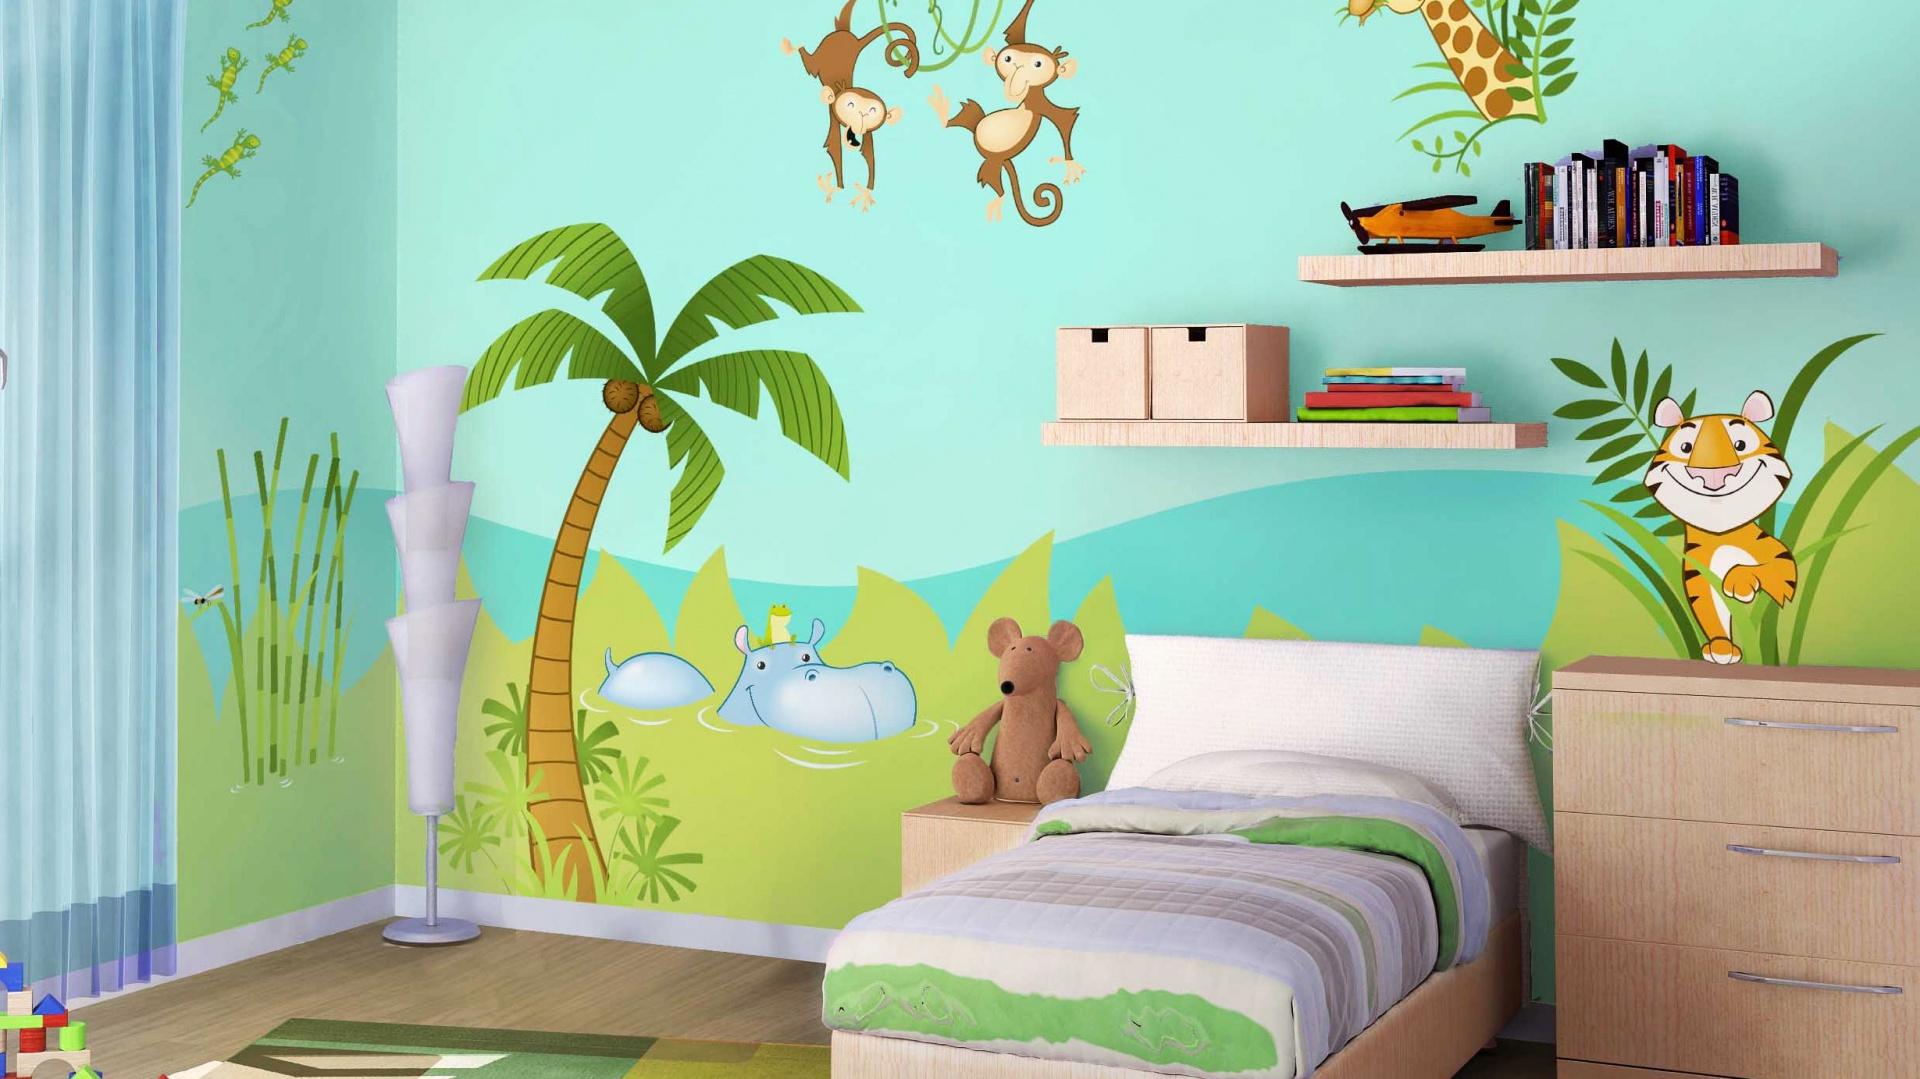 Wykorzystując naklejki z serii Jungle marki Leo Stickers można zamieć pokój dziecka w afrykański las pełen egzotycznych zwierząt. W ten sposób niewielkim kosztem sprawimy, że wnętrze zyska weselszy wygląd. Fot. Leo Stickers.